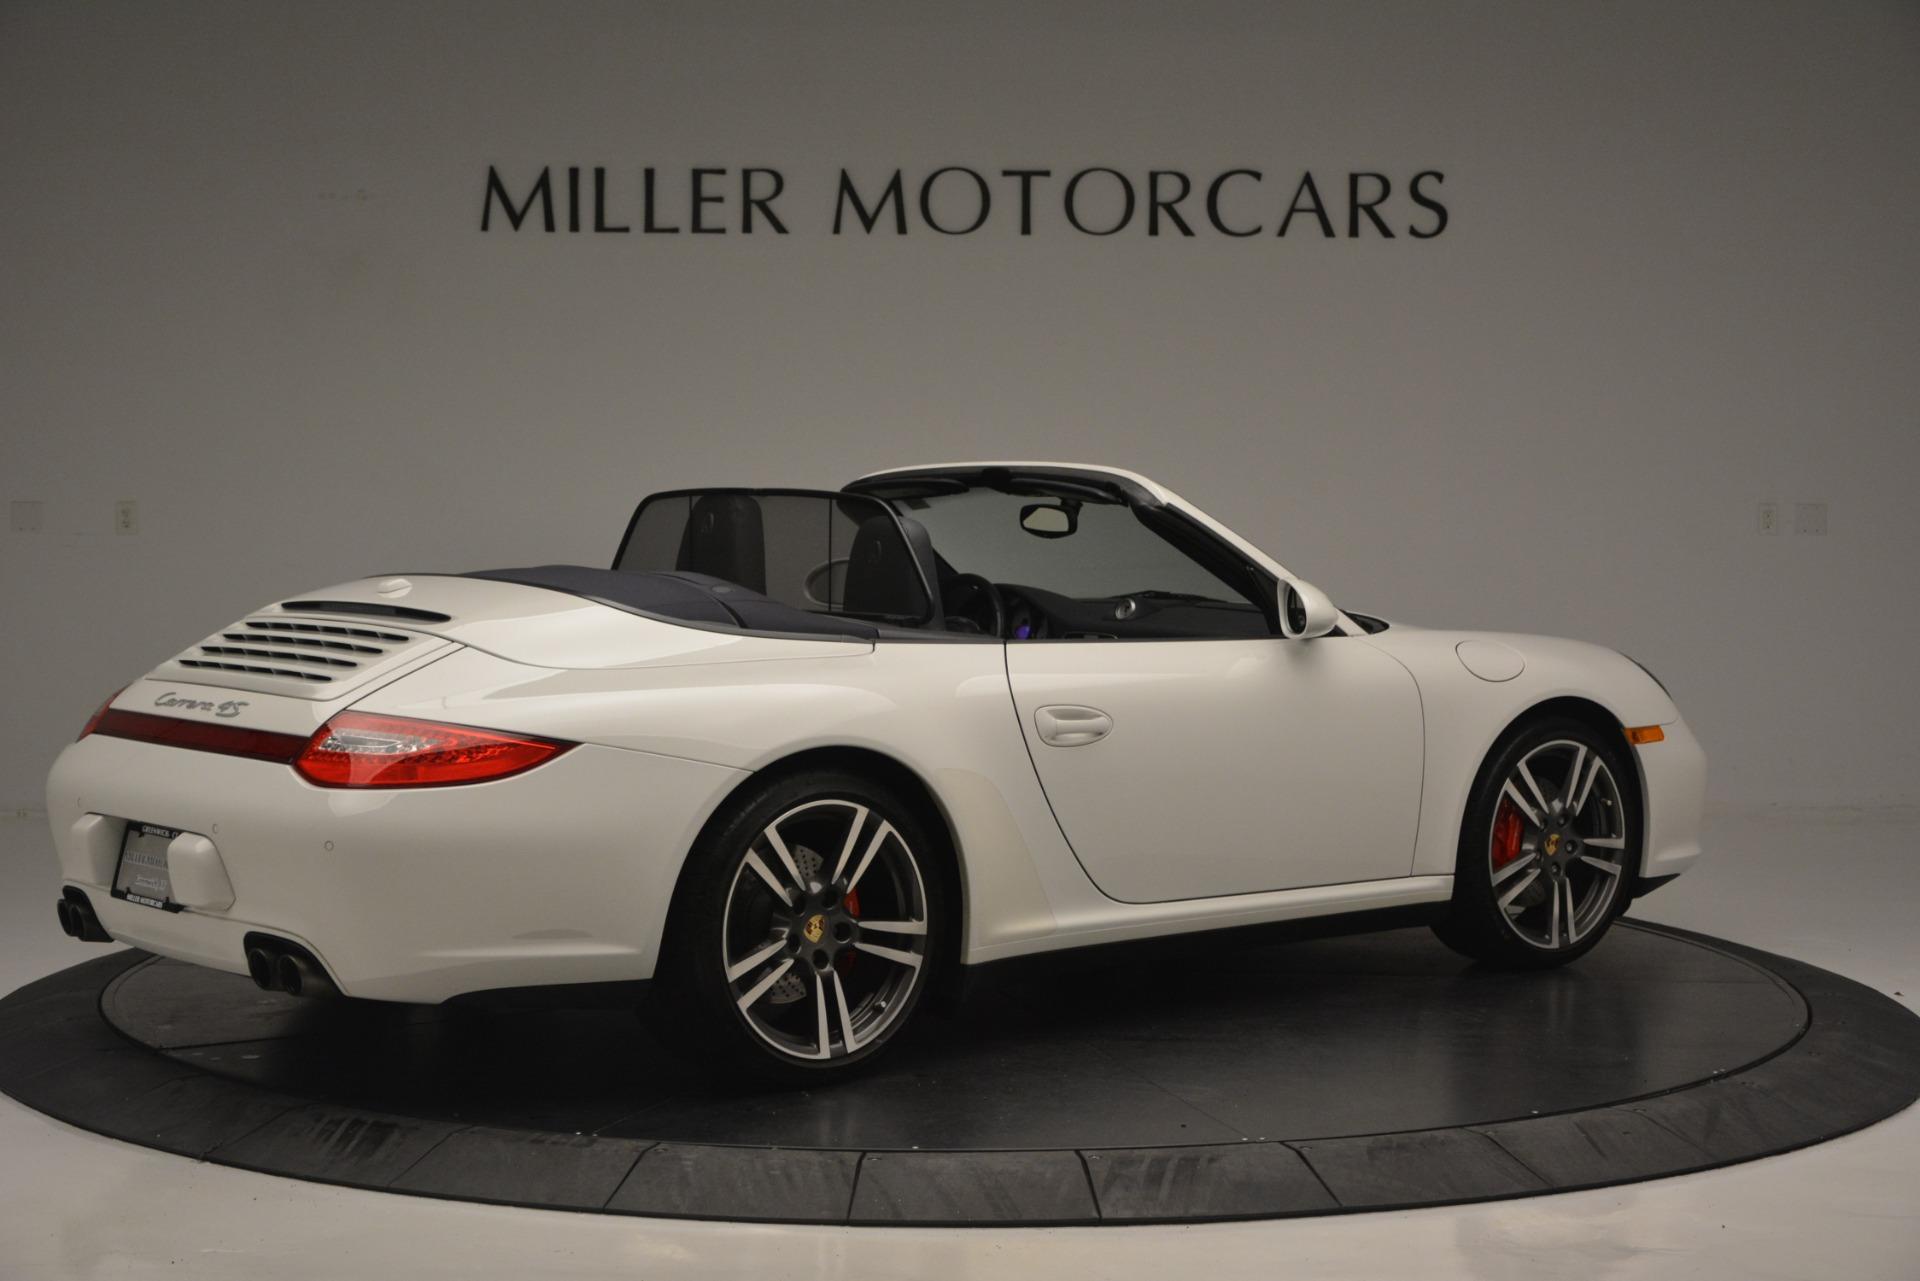 Used 2011 Porsche 911 Carrera 4S For Sale In Greenwich, CT 2600_p9